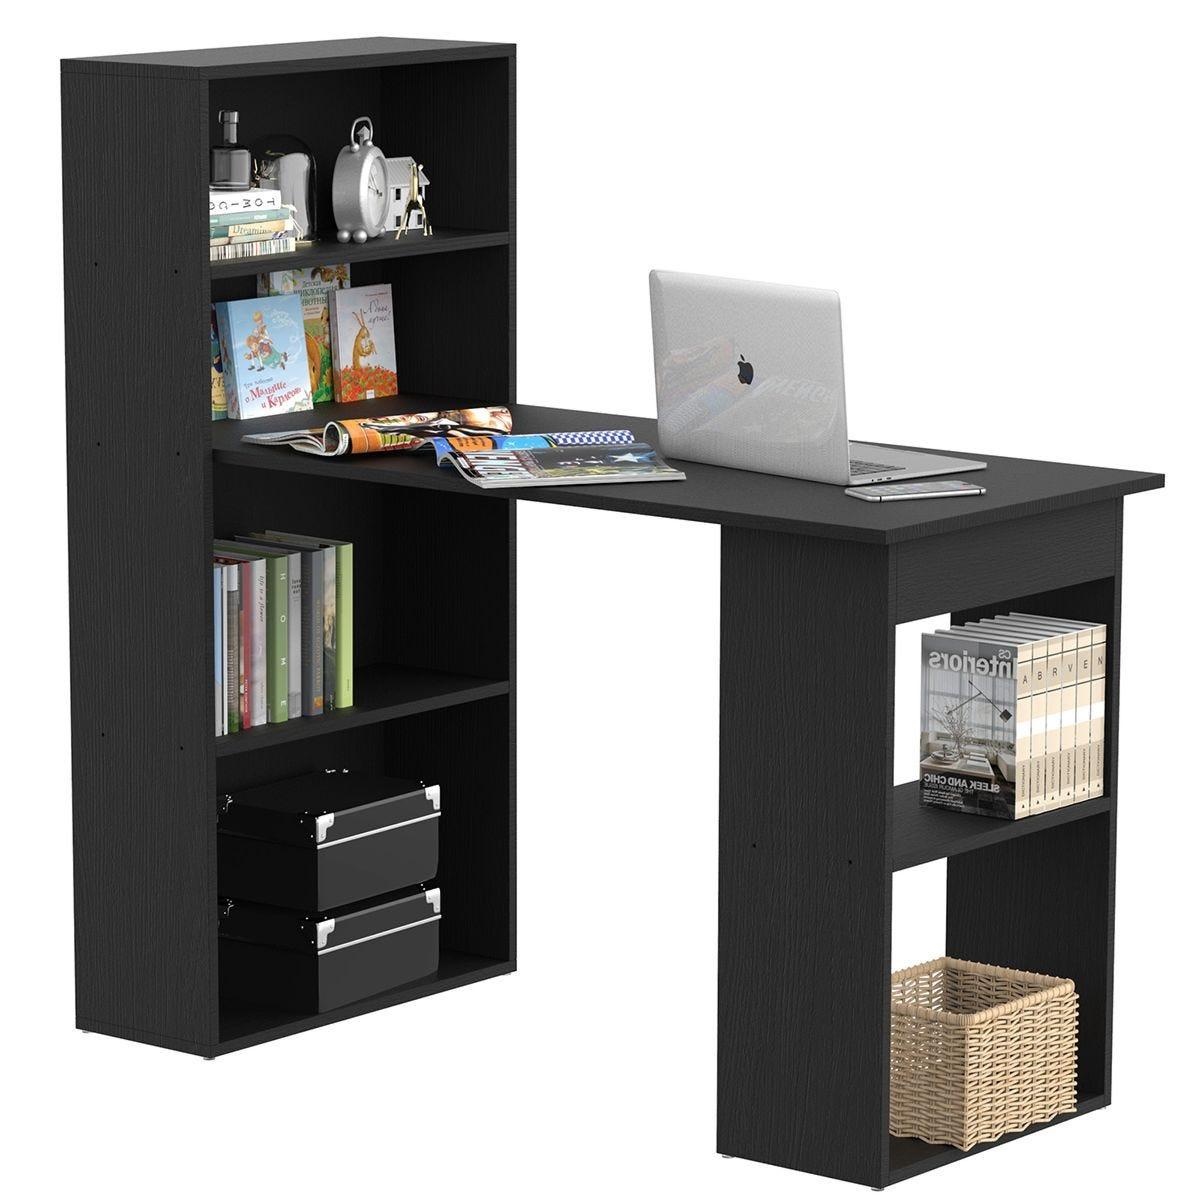 Zennor 120cm Modern Computer Desk With Bookshelf Shelves Black Robert Dyas